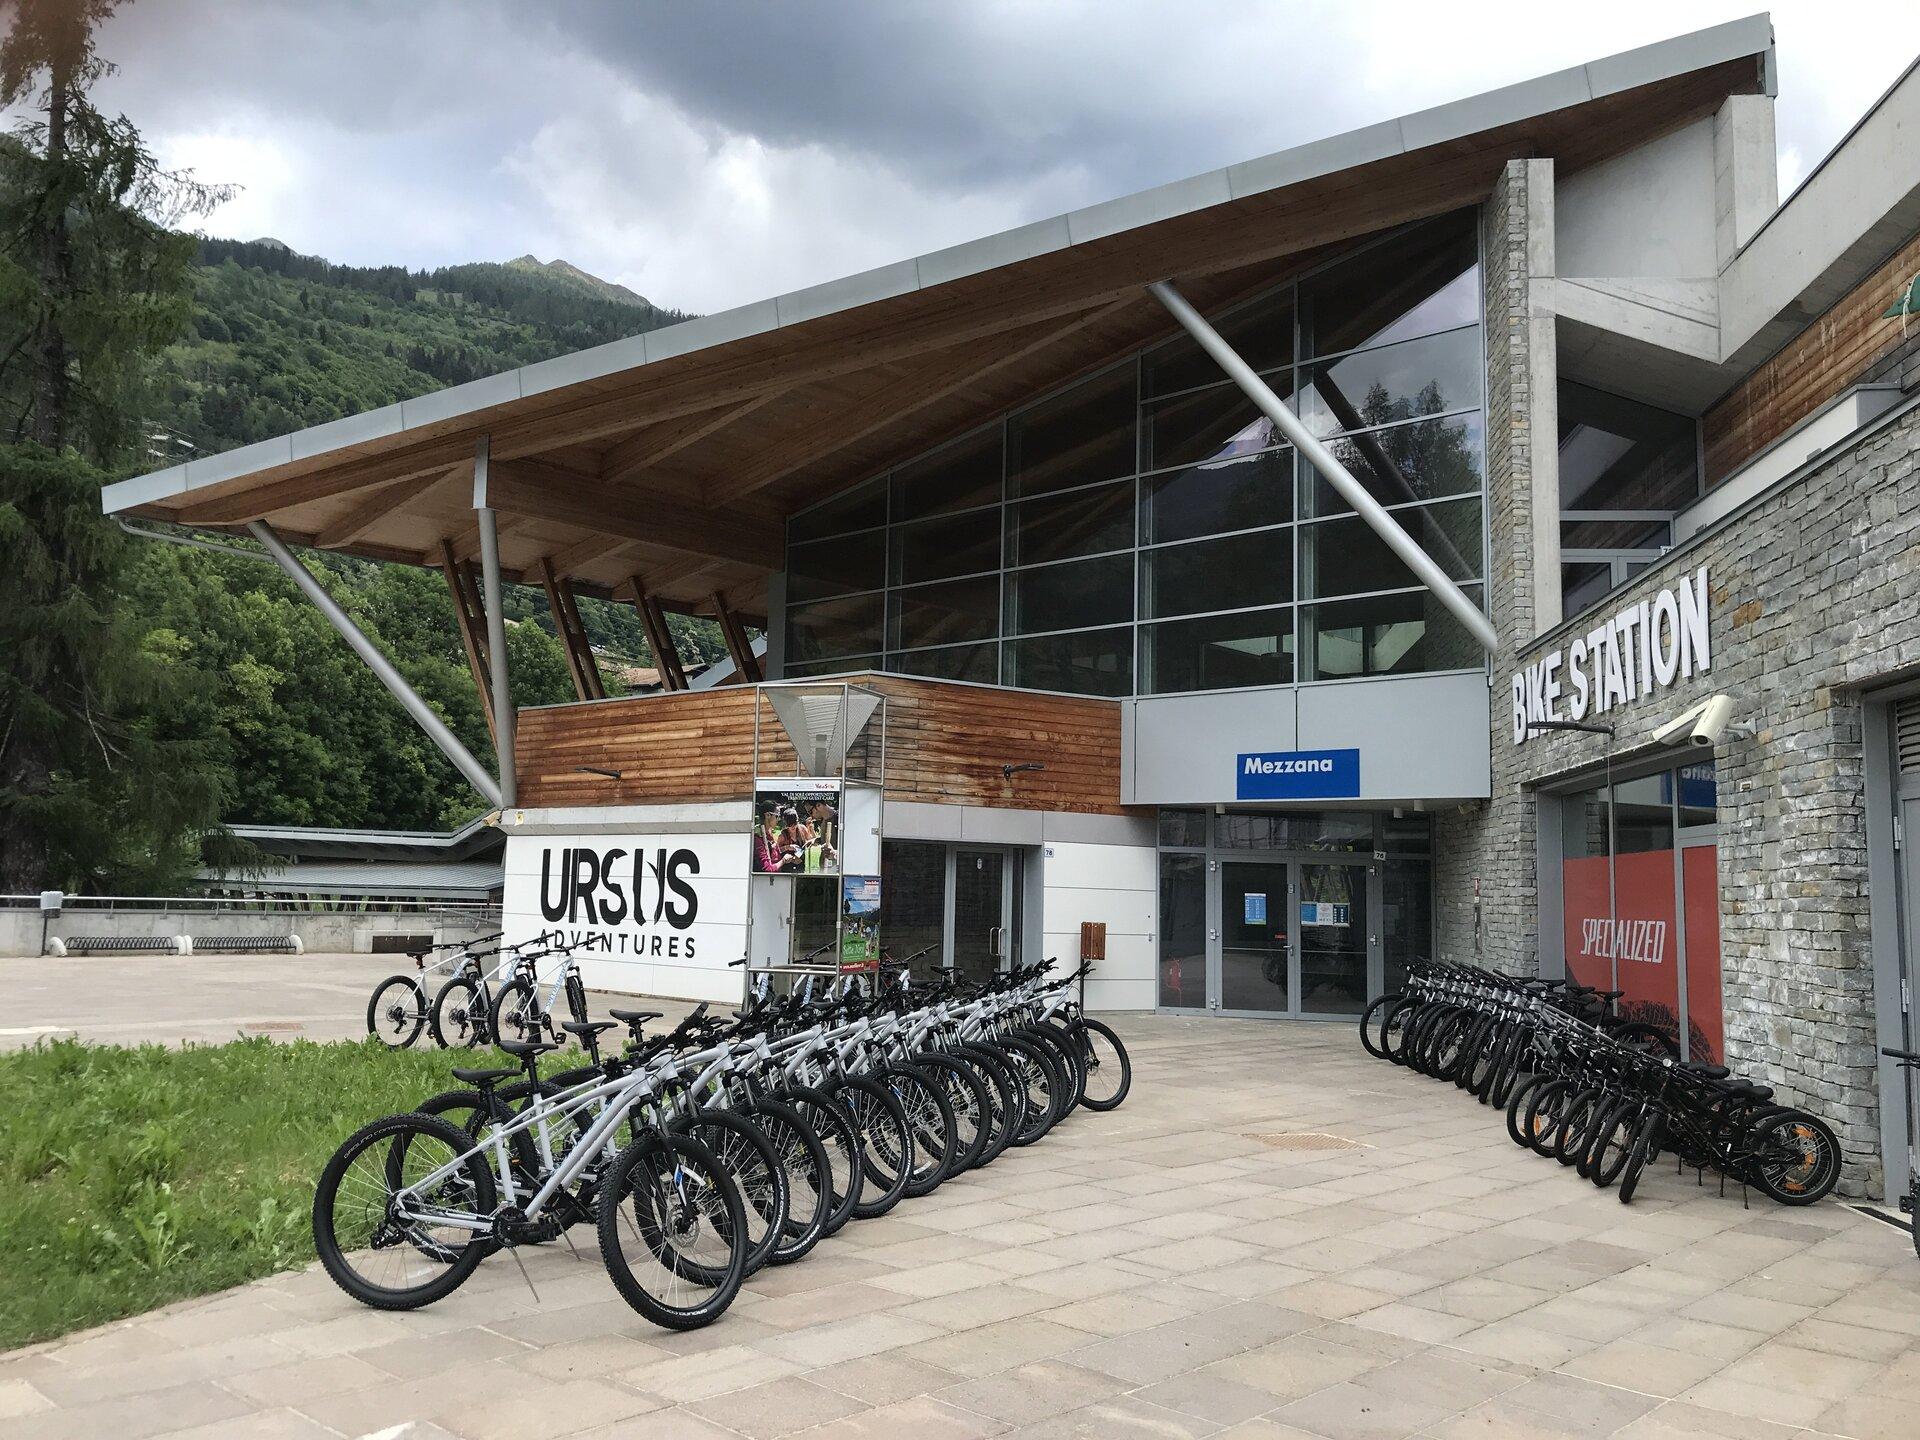 Noleggio Bike station Mezzana Val di Sole